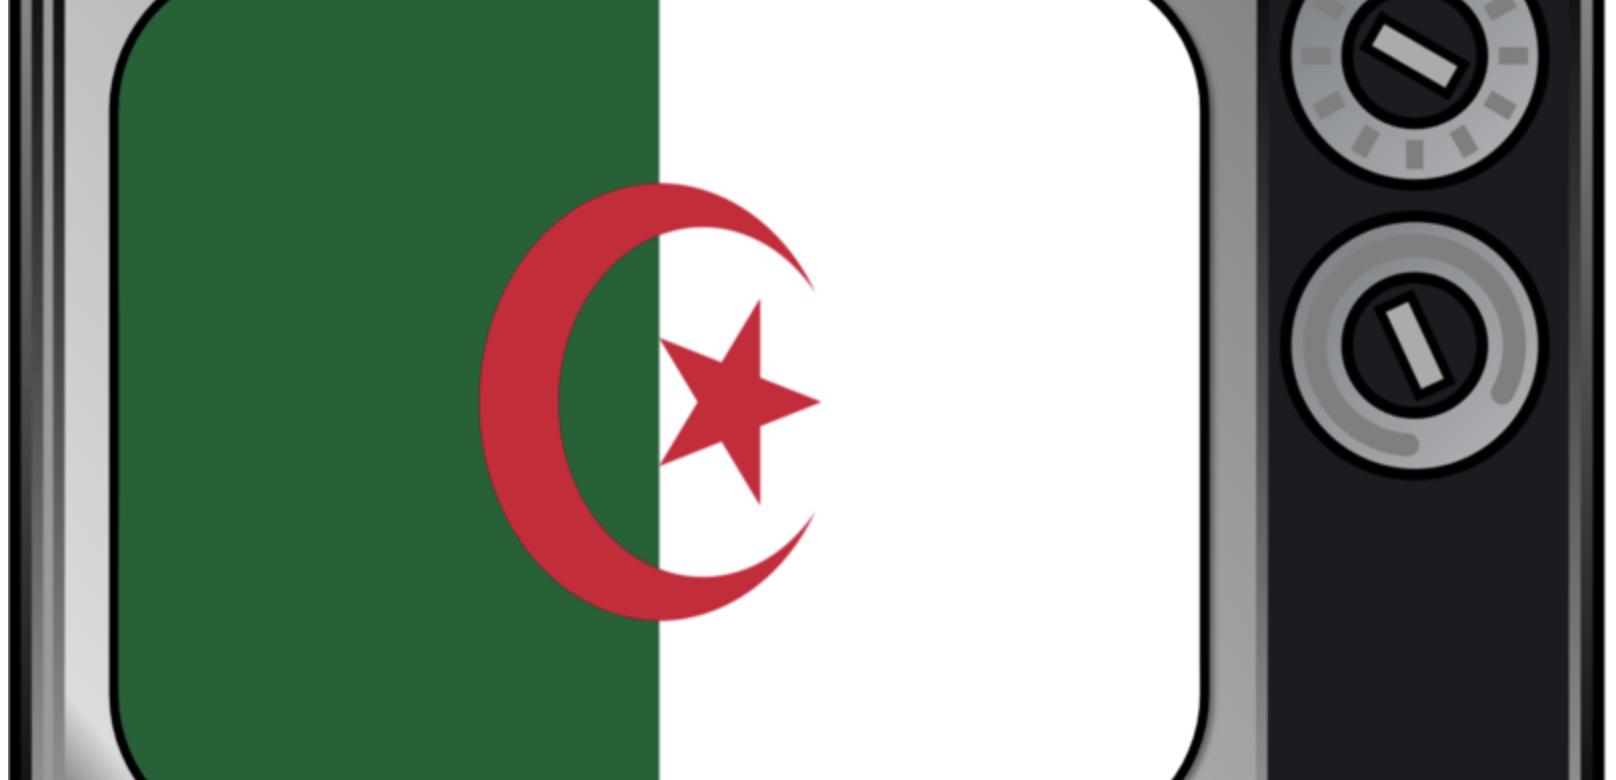 L'Algérie veut transformer sa télévision publique